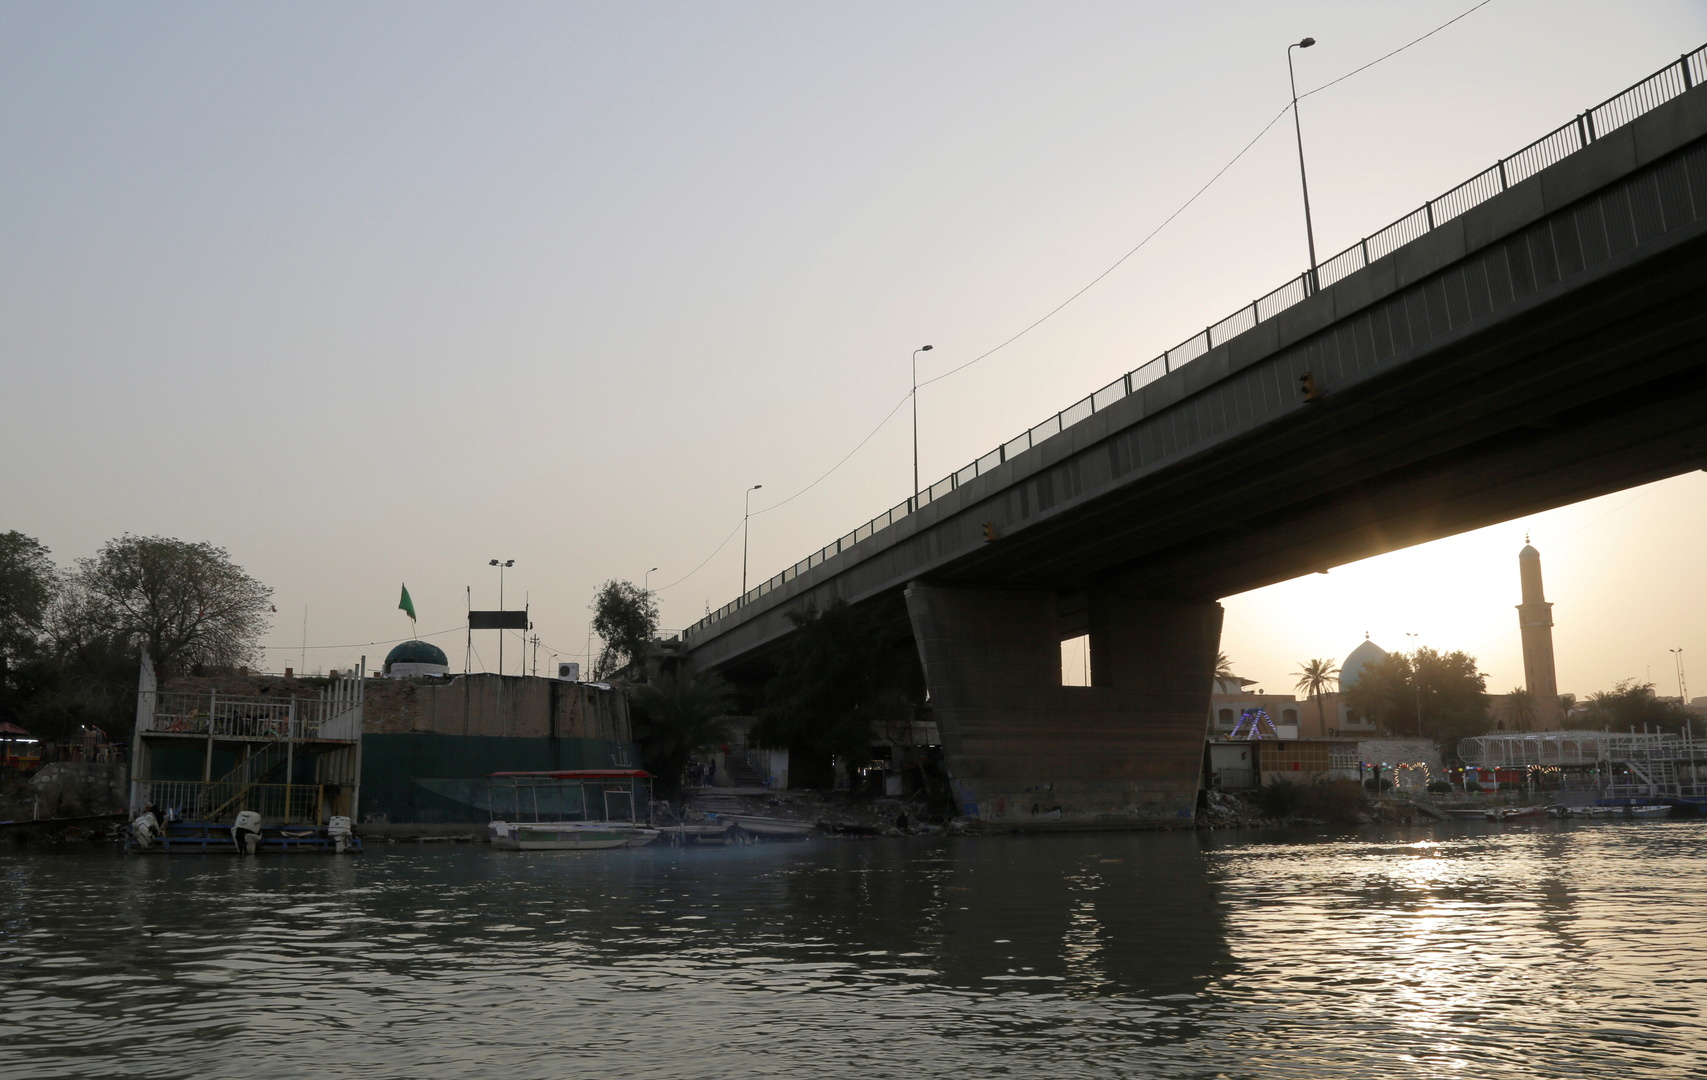 العراق يتخذ إجراءات لمعالجة شح المياه في النهروان وديالى